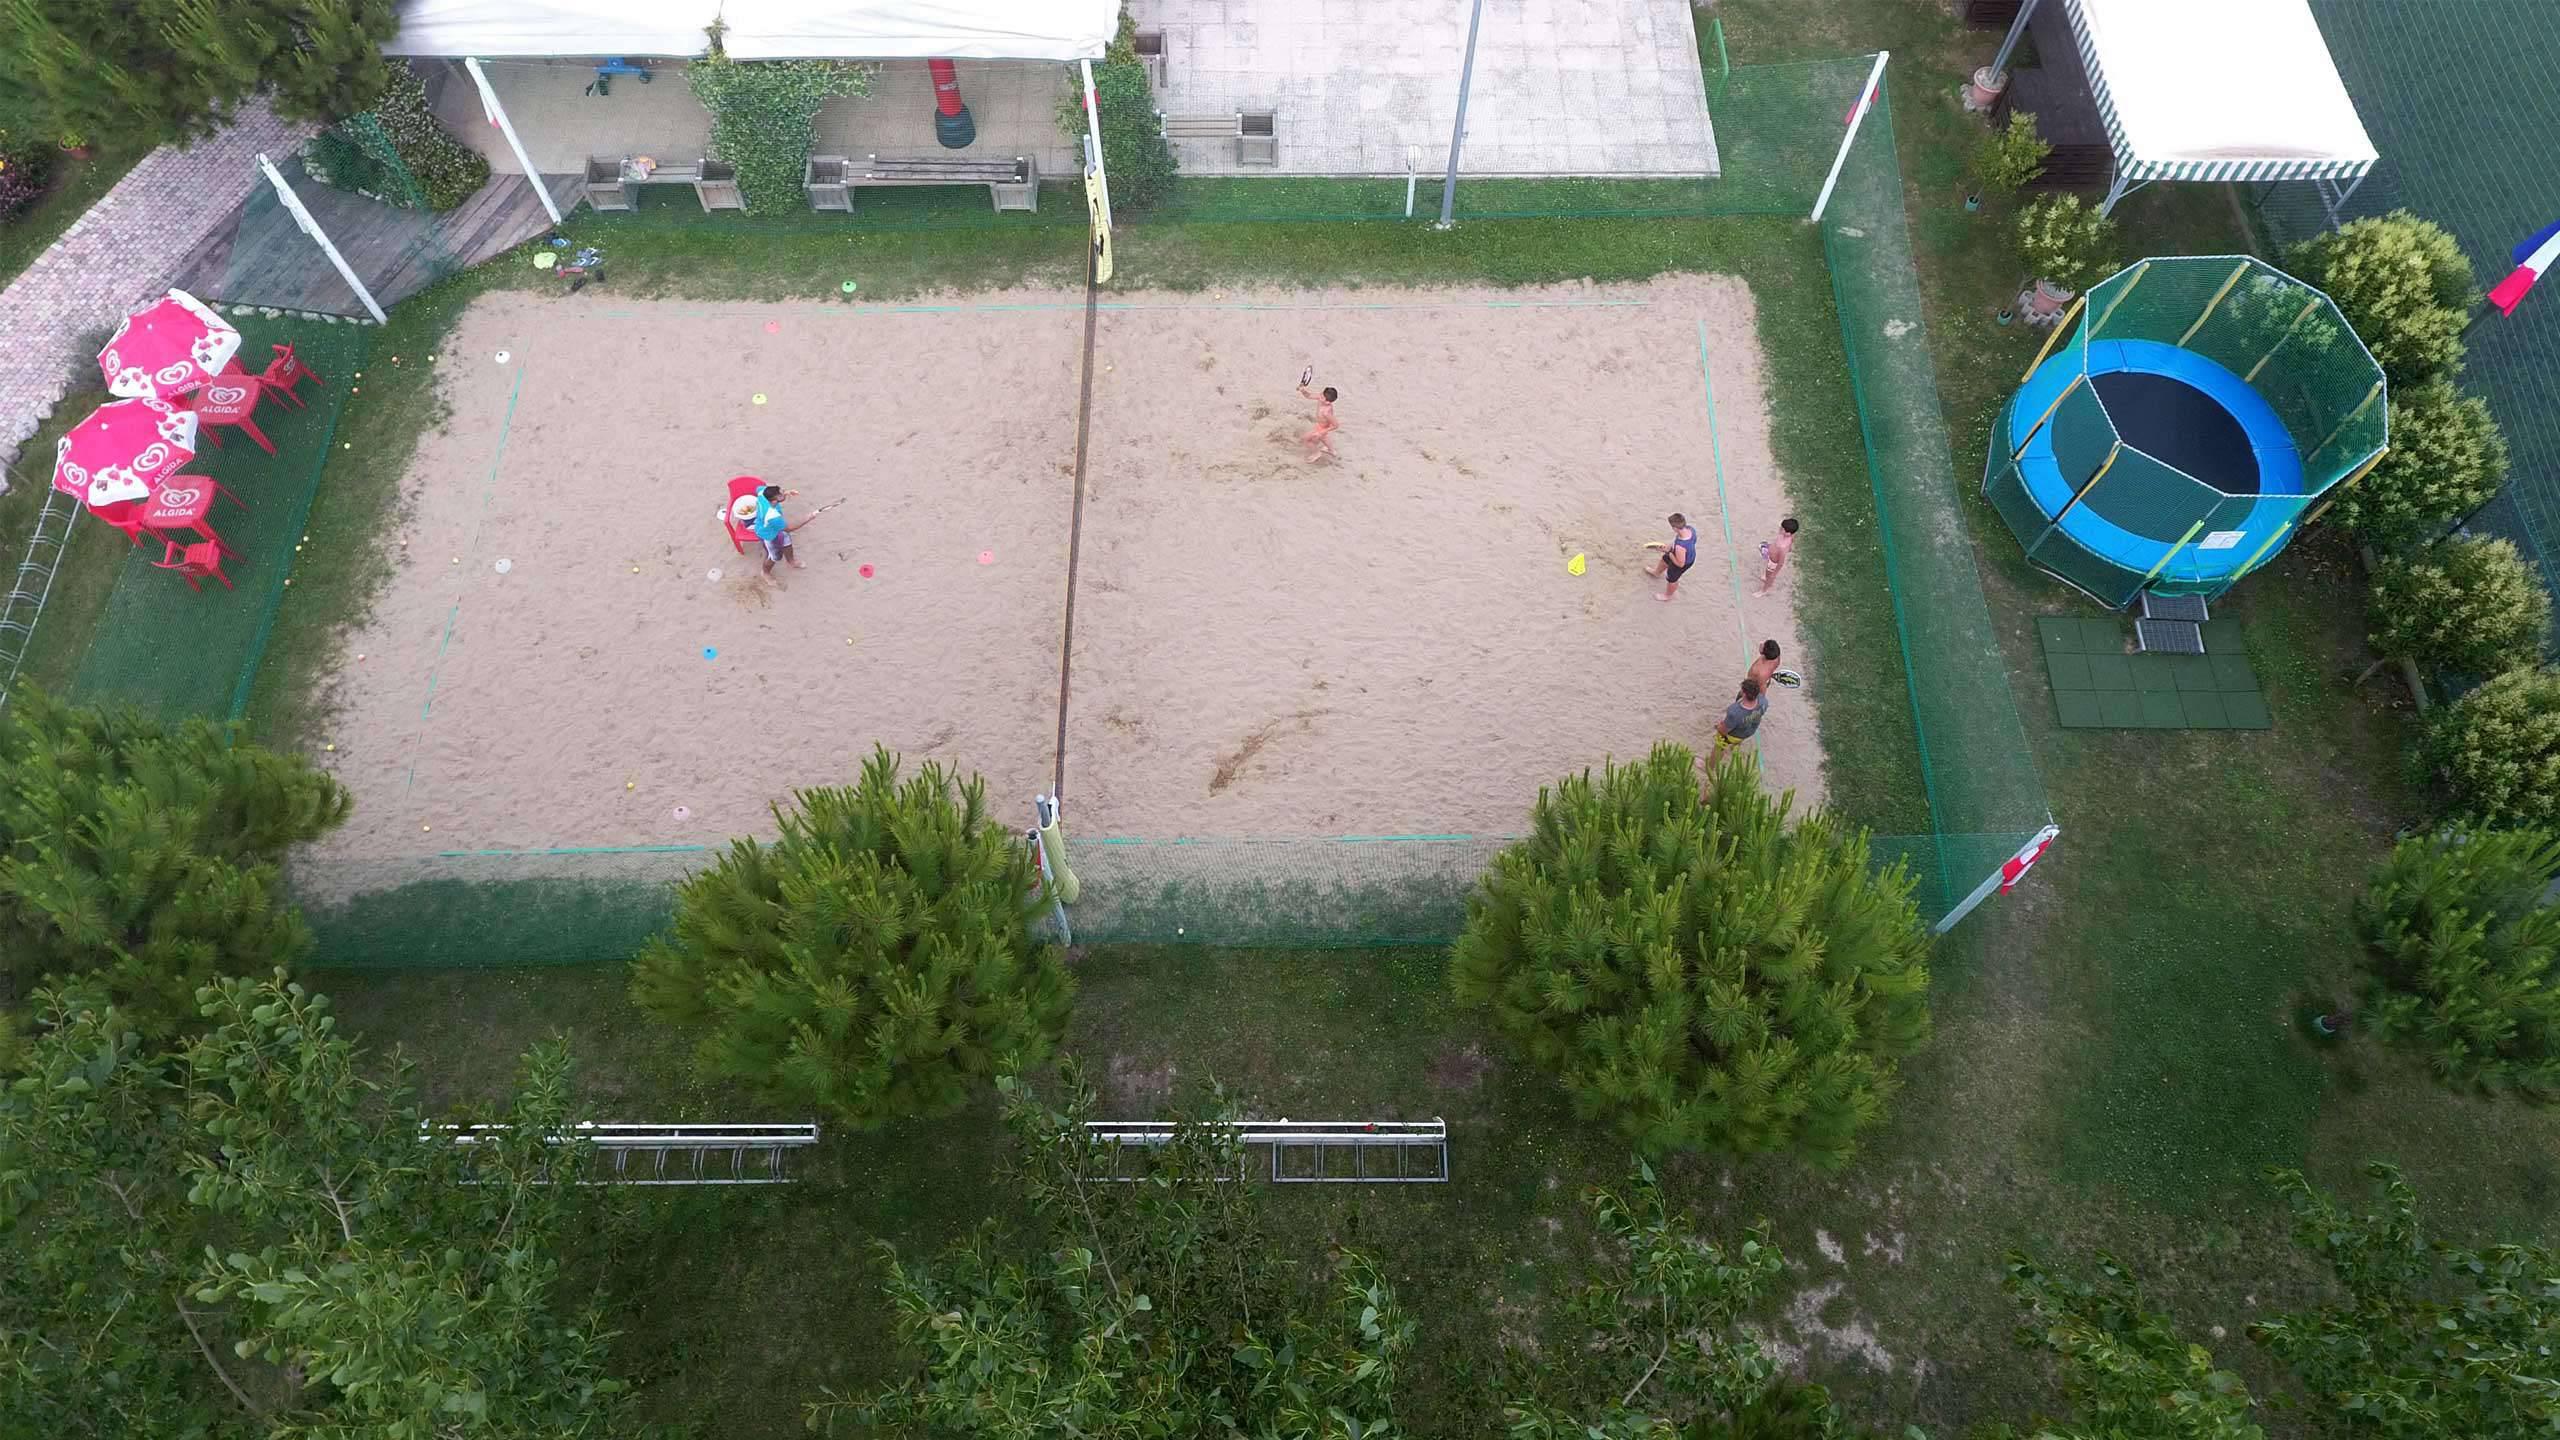 pineto-beach-village-camping-pineto-abruzzo-piscina-mare-61